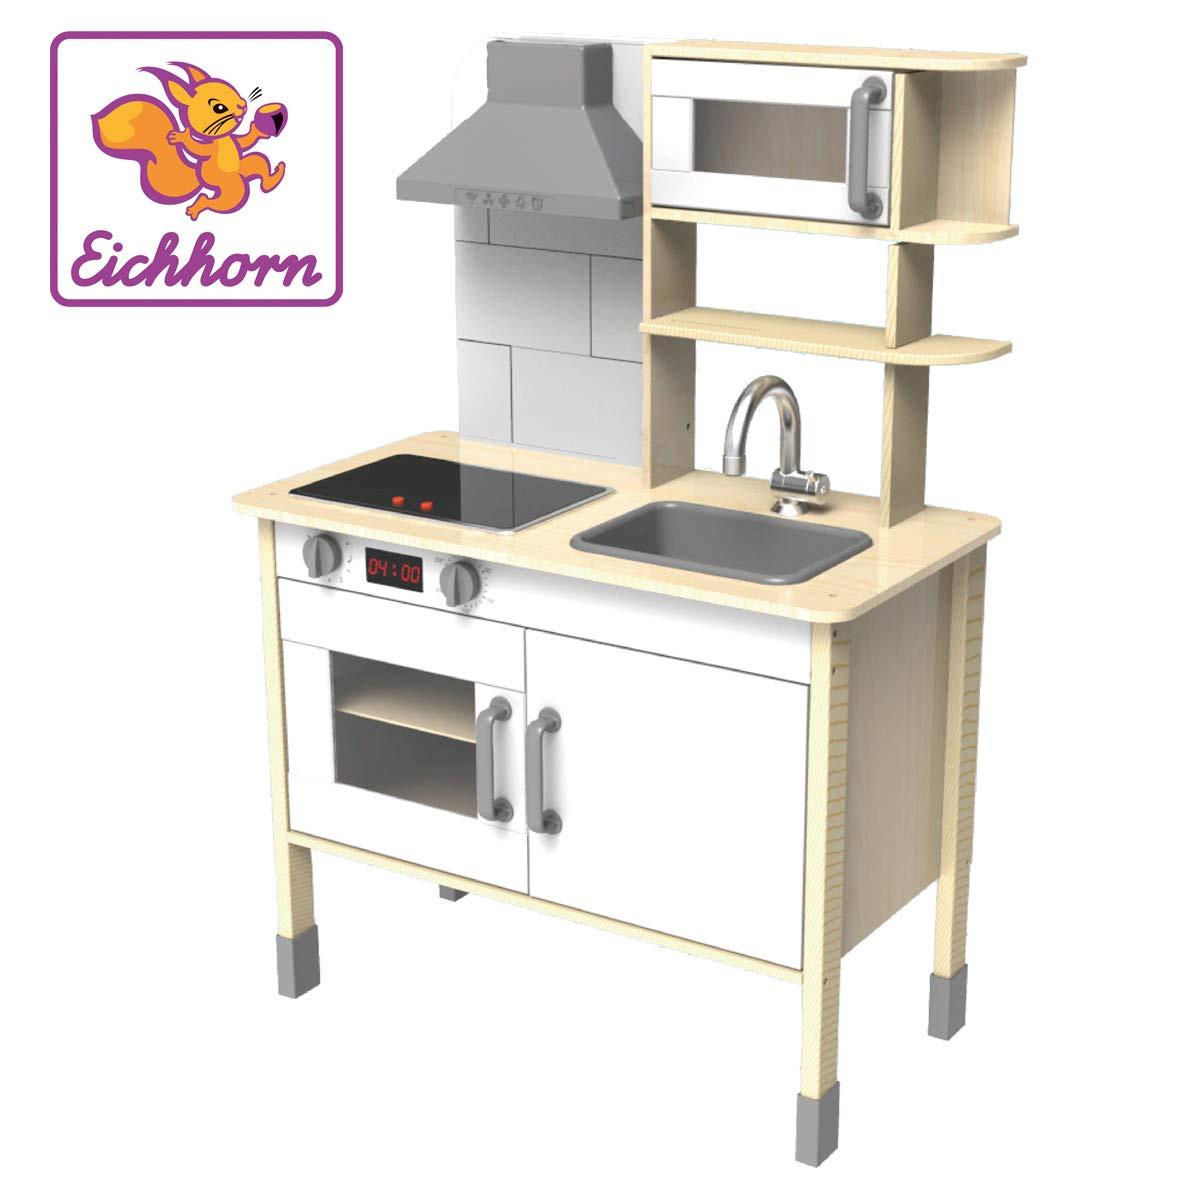 Full Size of Eichhorn Spielkche Kinder Spielküche Wohnzimmer Spielküche